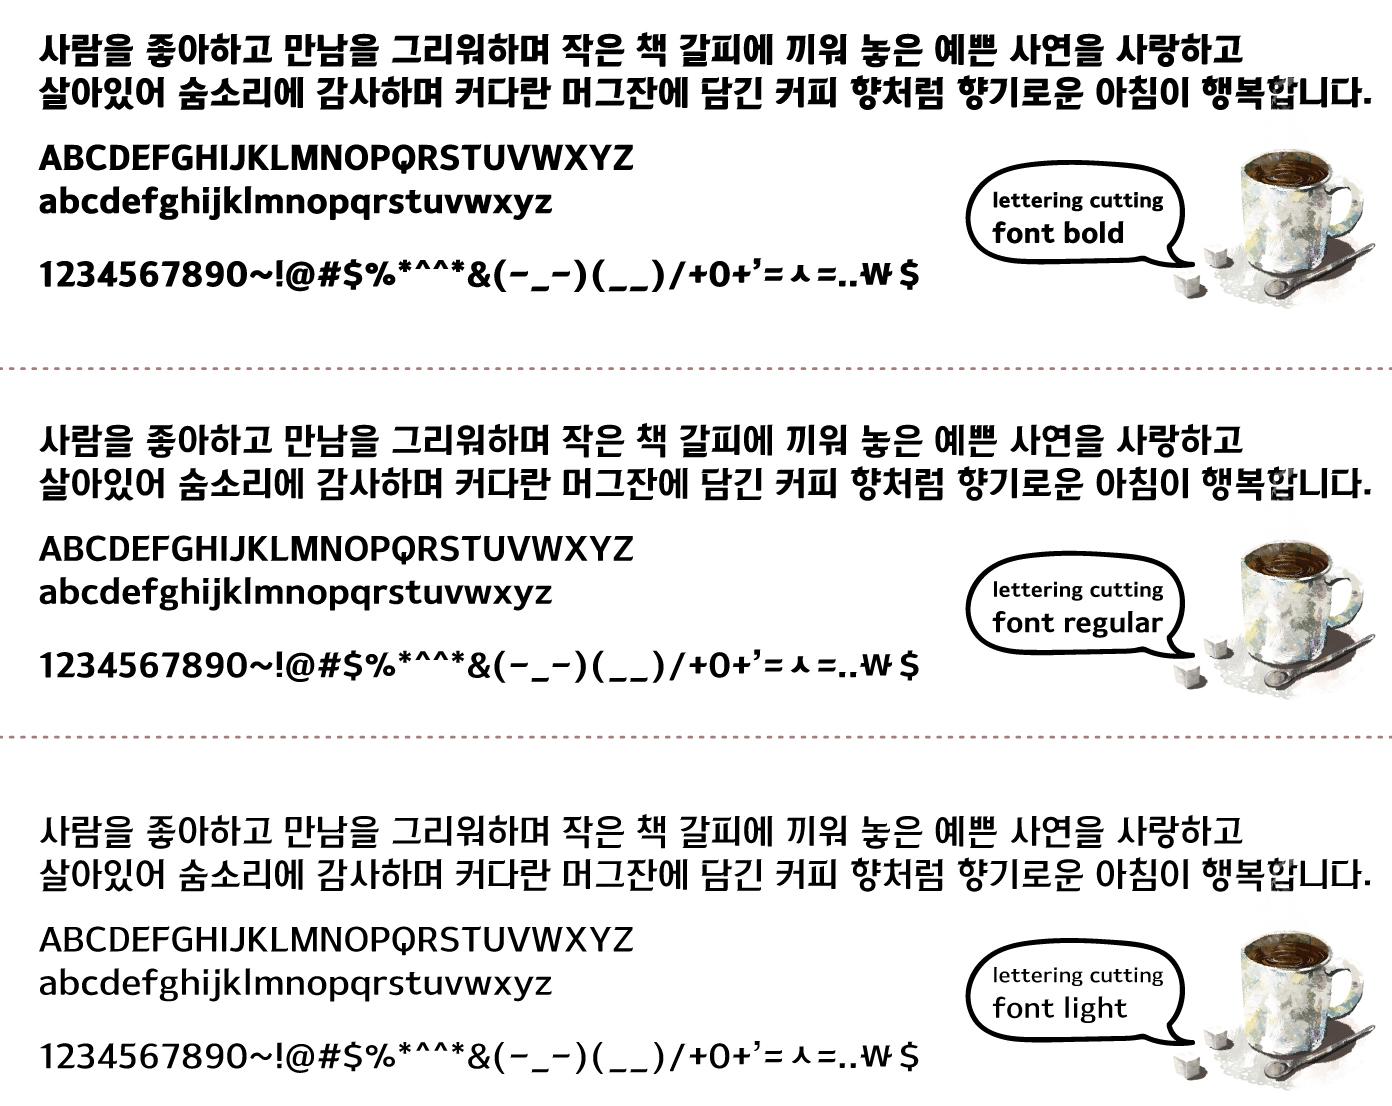 커팅폰트이미지4_하얀바람-샘플.jpg